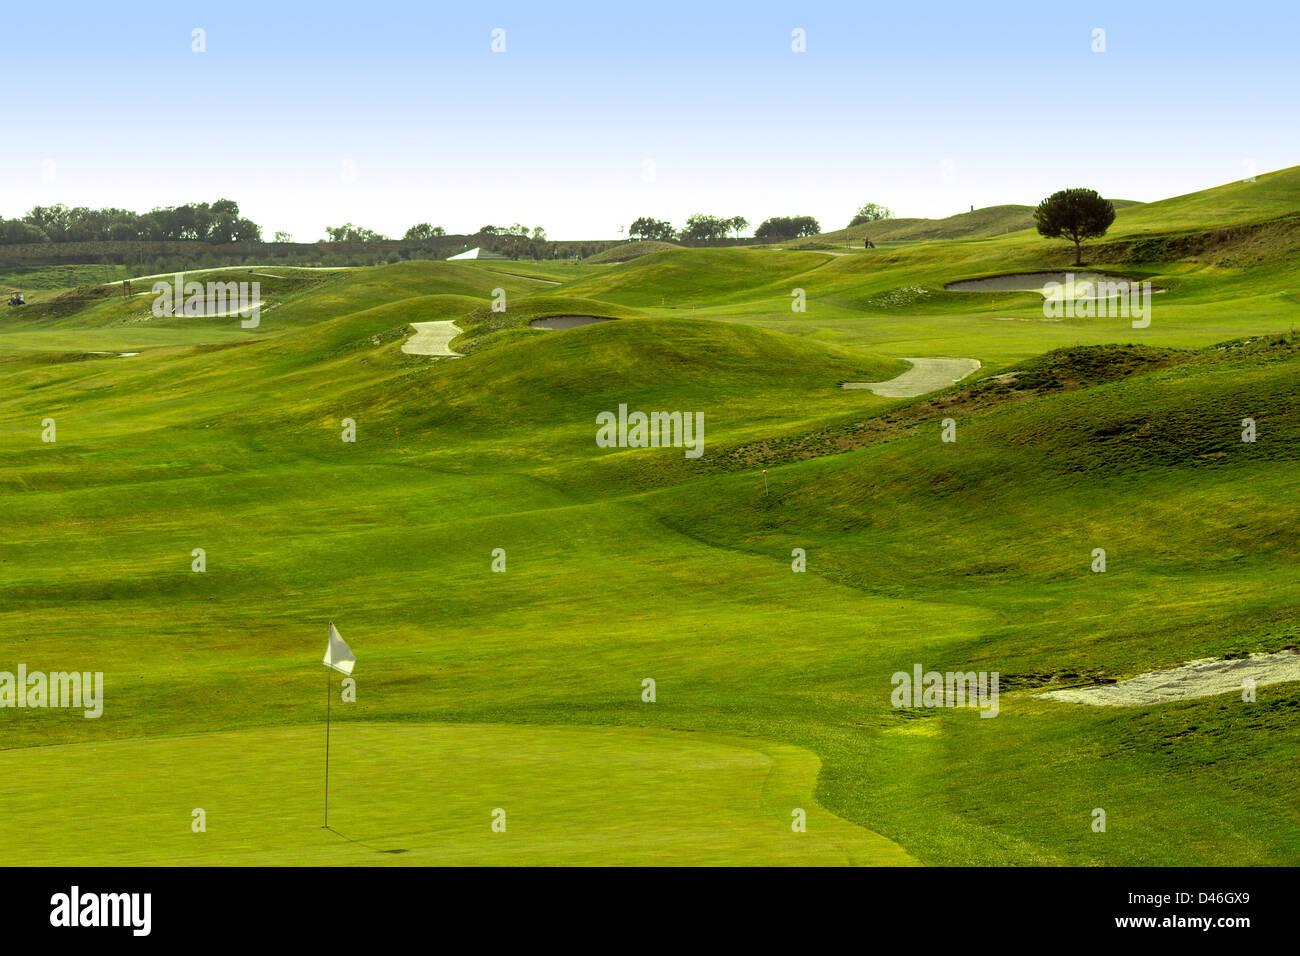 Un bello campo de golf en Madrid. Imagen De Stock